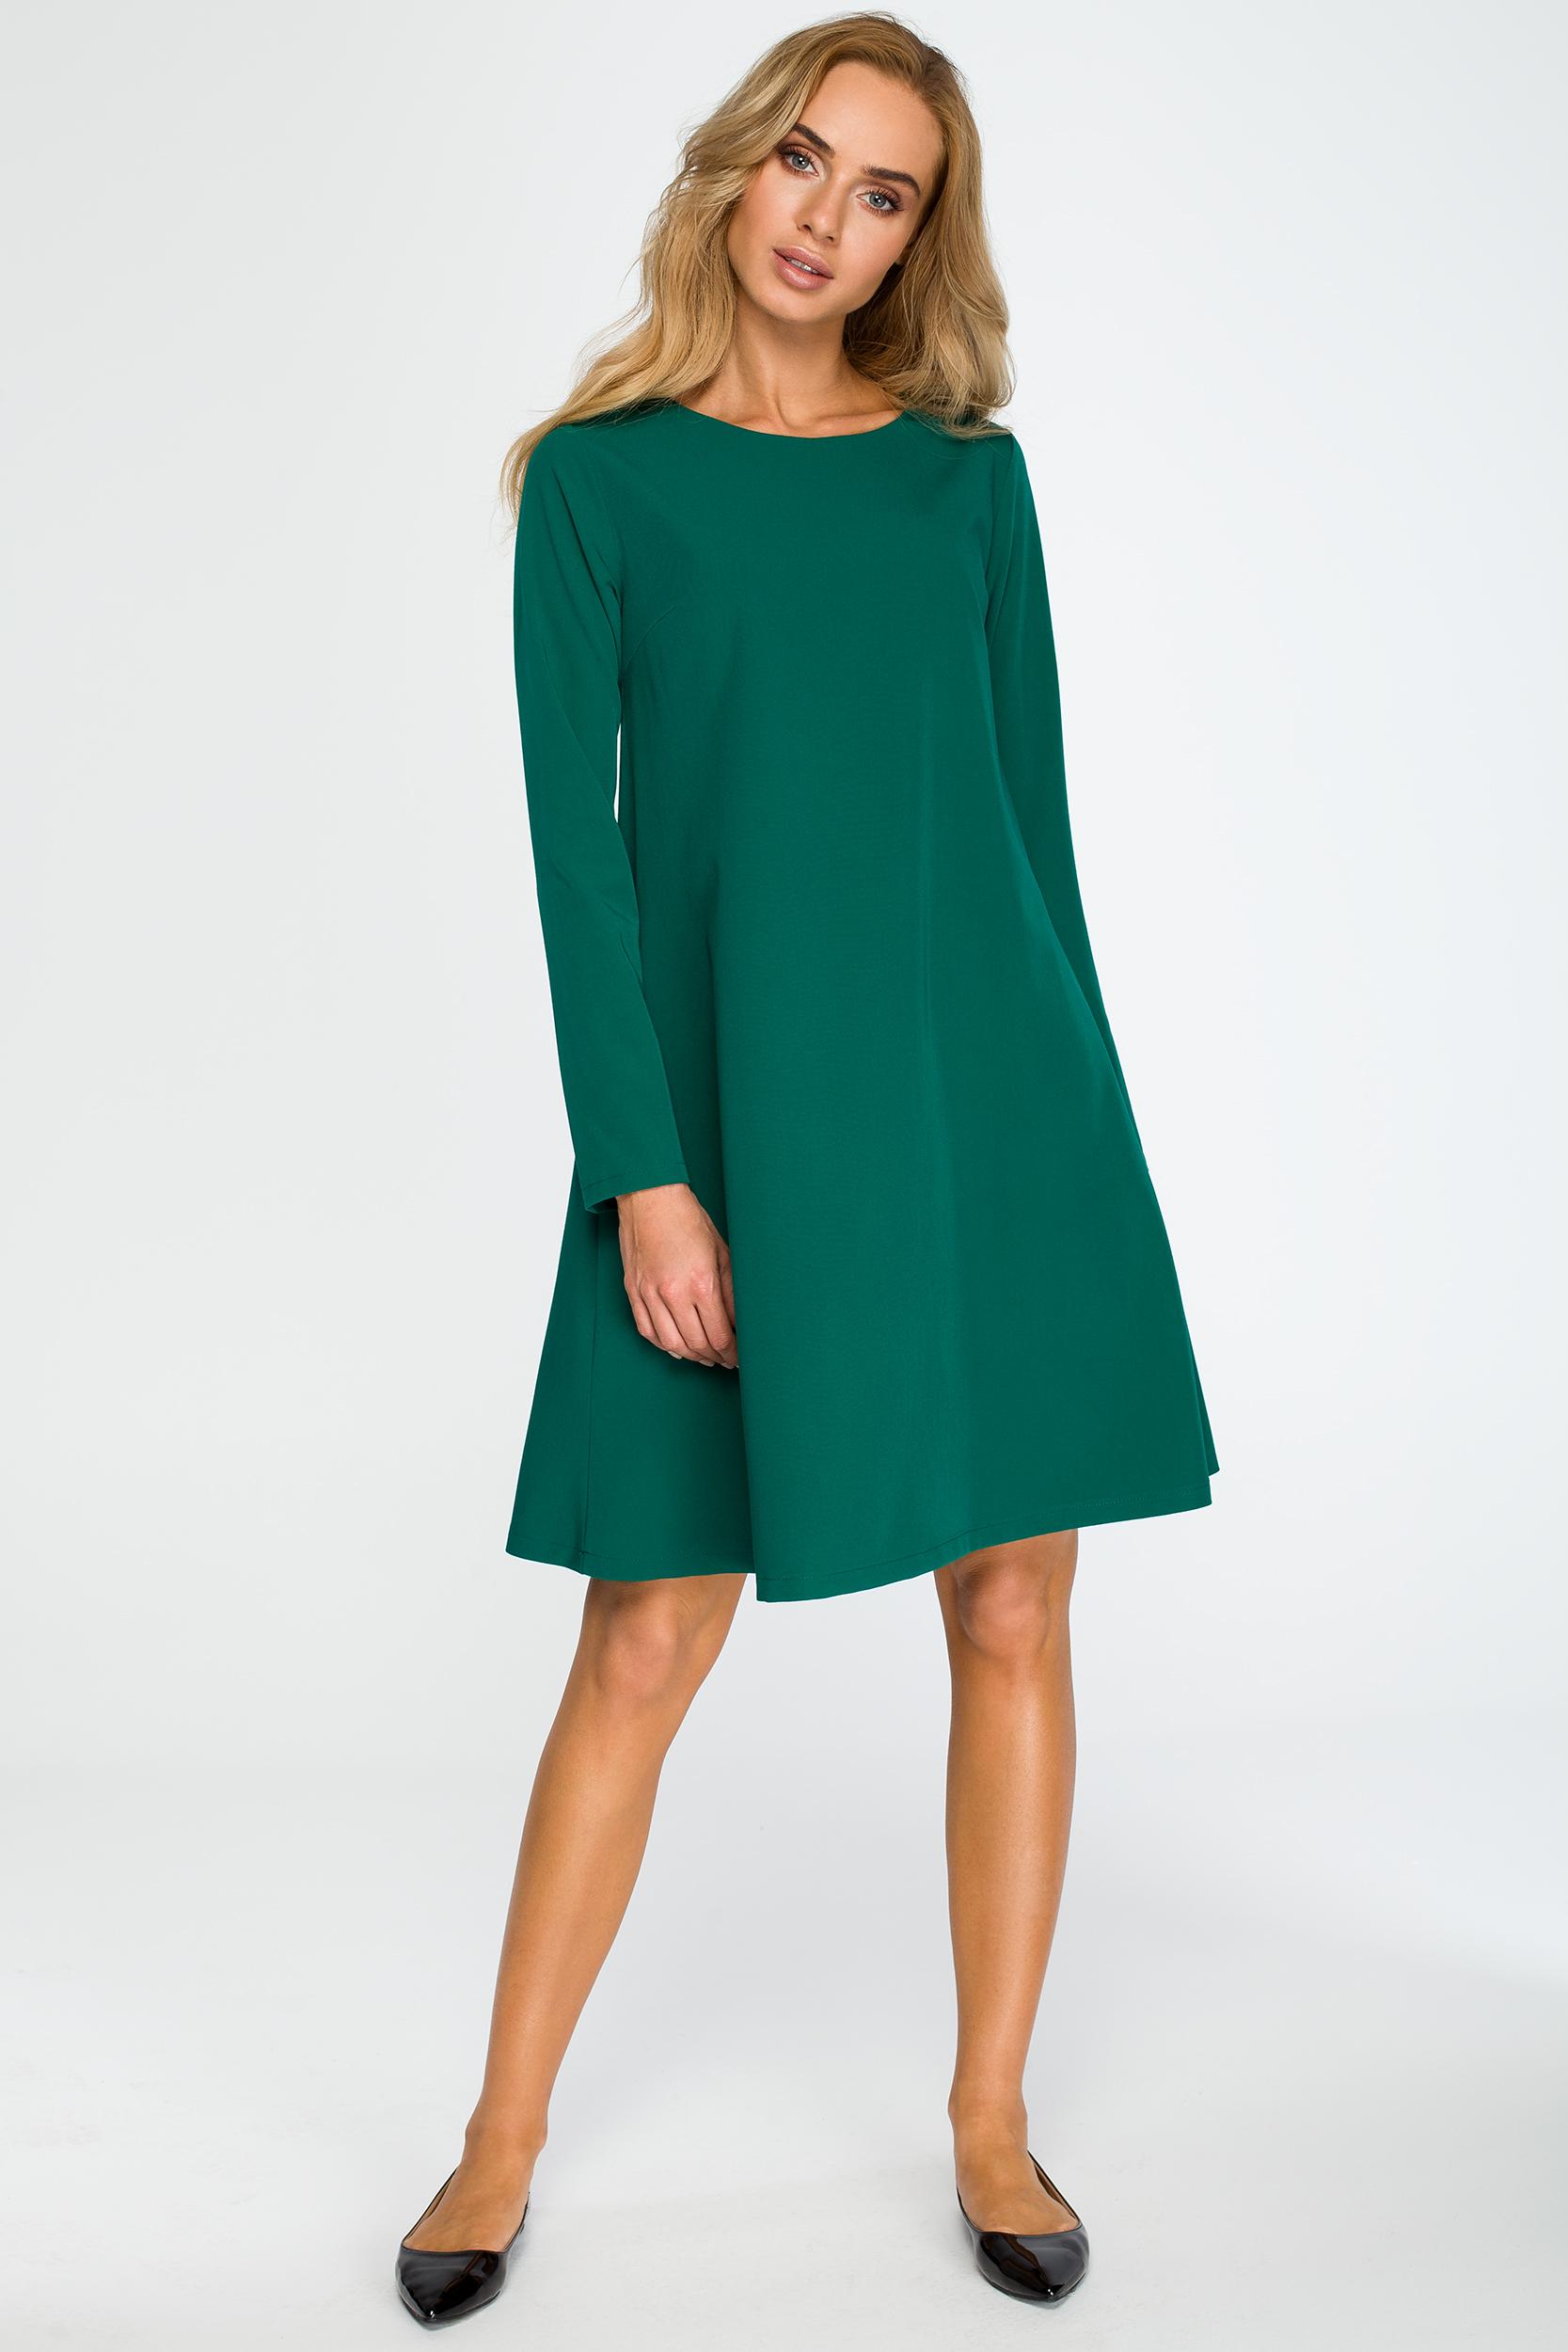 0ae6d7c5dc CM4034 Rozkloszowana sukienka mini z długim rękawem - zielona ...